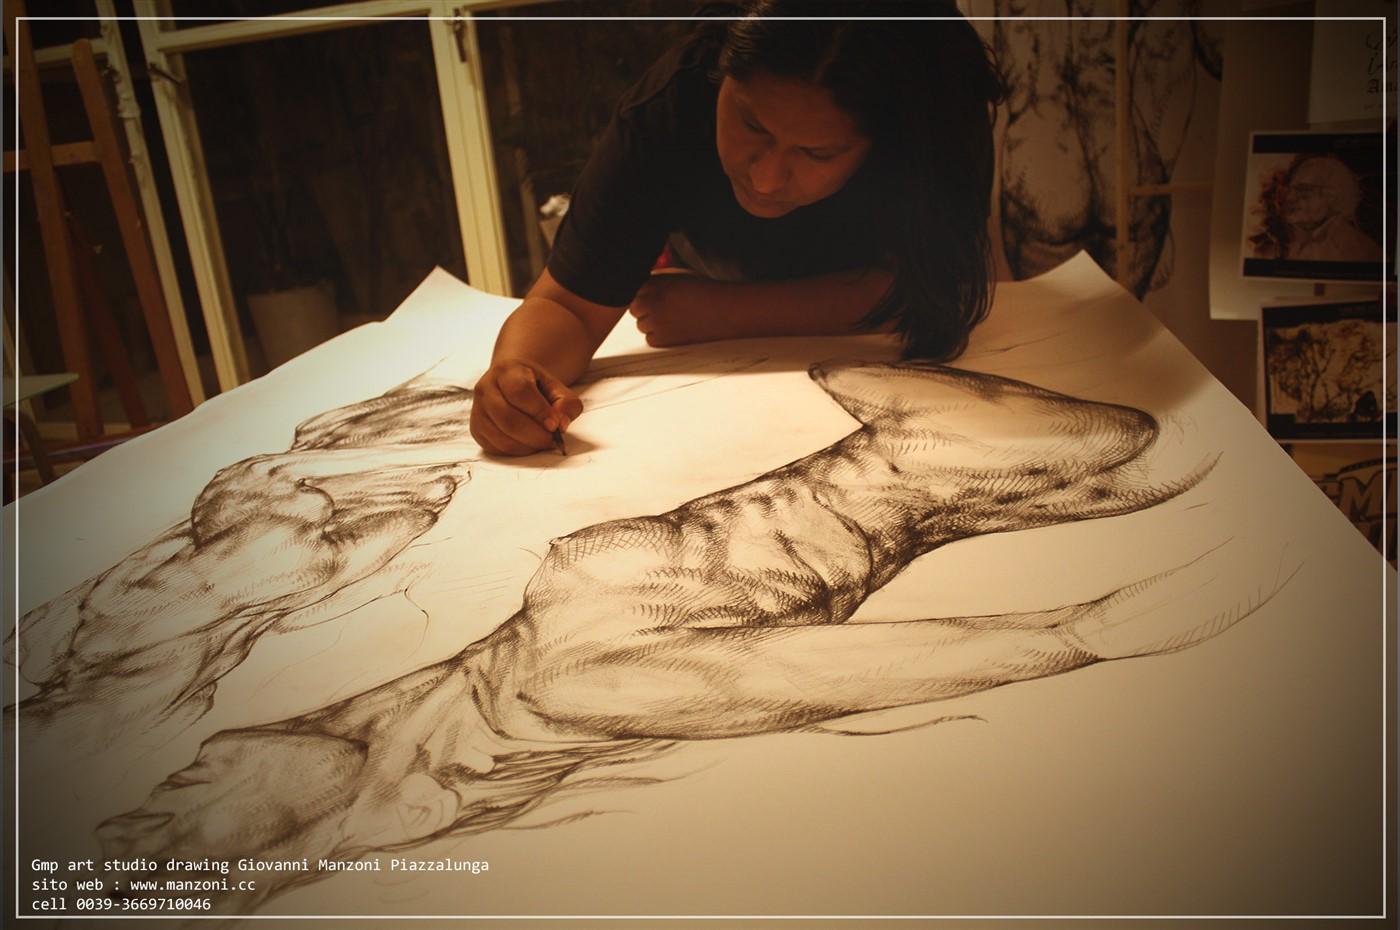 http://www.ditutto.it/magazine/wp-content/uploads/2016/10/gmp-art-studio-giovanni-manzoni-piazzalunga-19.jpg